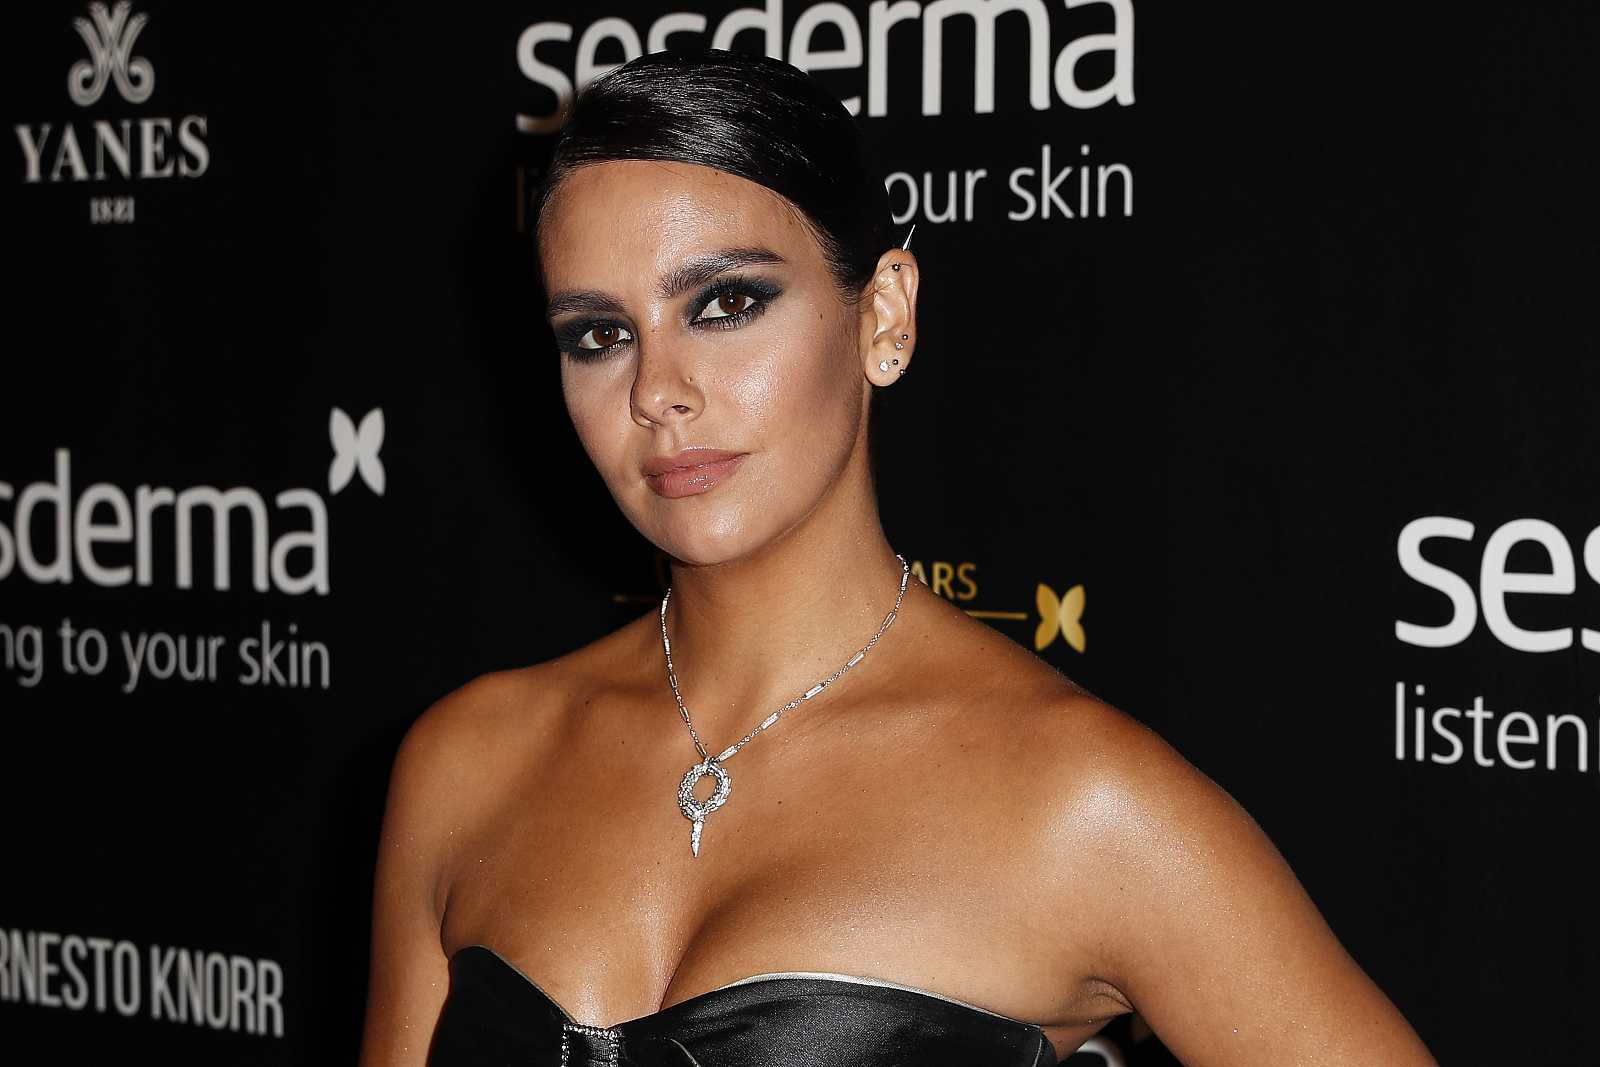 Cristina Pedroche en los premios Sesderma 2019